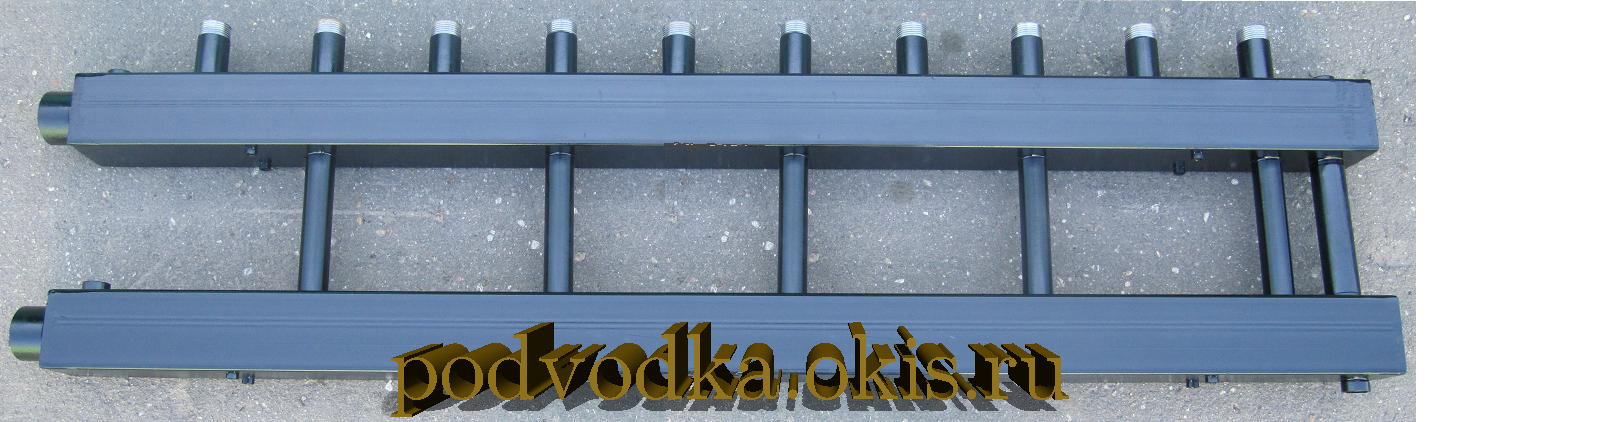 Коллектор отопления  для котельной на 5 контуров с перемычкой